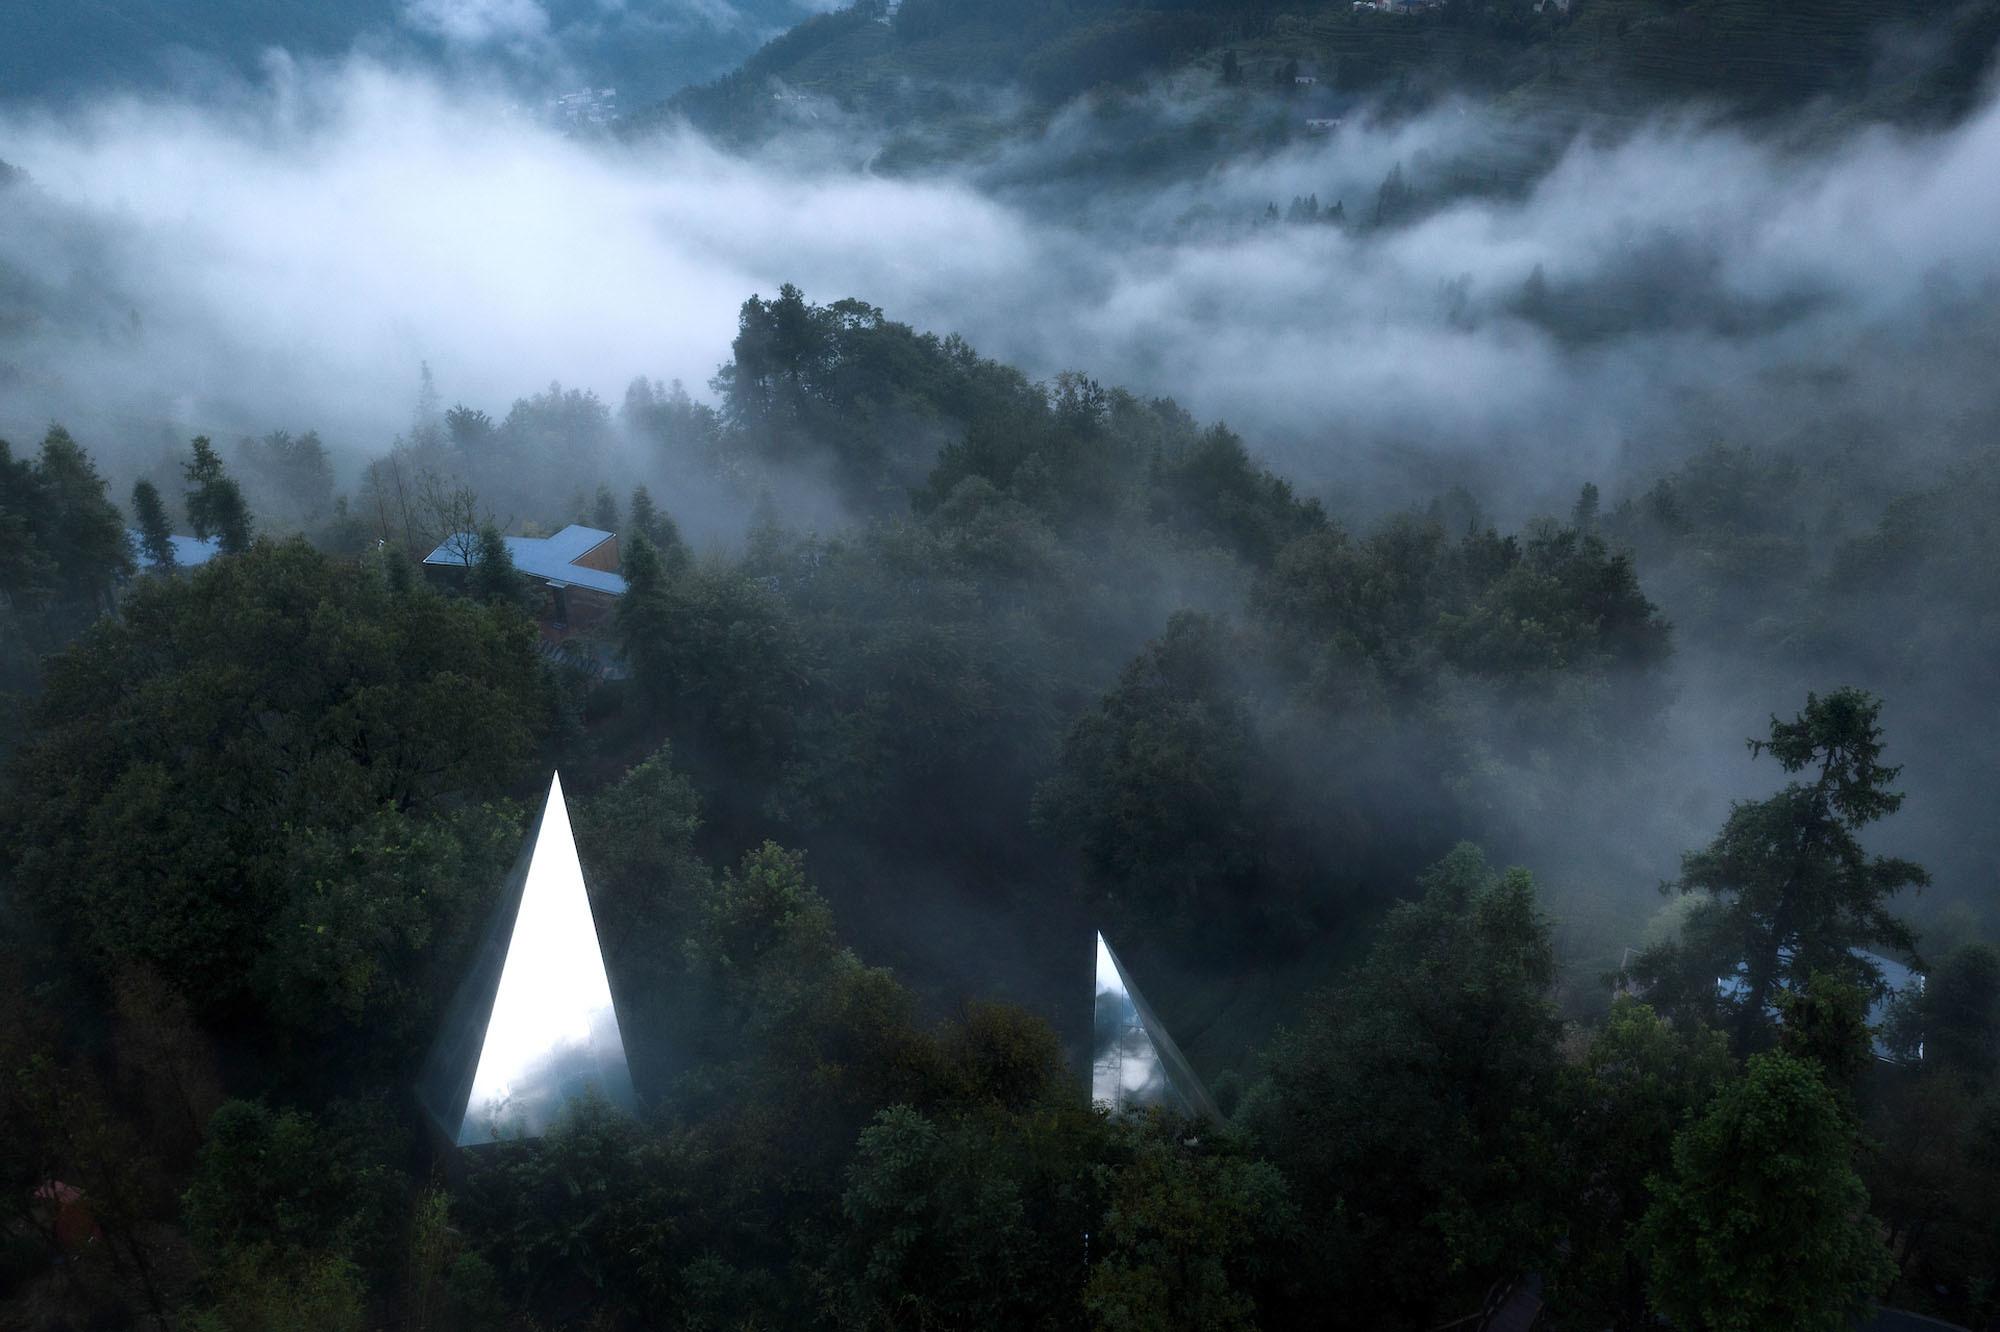 In der chinesischen Provinz Hubei hat der Architekt Mu Wei mit seinen BürosWiki World und Advanced Architecture Lab (AaL) die Feriensiedlung Mountain & Cloud Cabin errichtet. 18 verspiegelte Holzhütten werden eins mit der Landschaft.